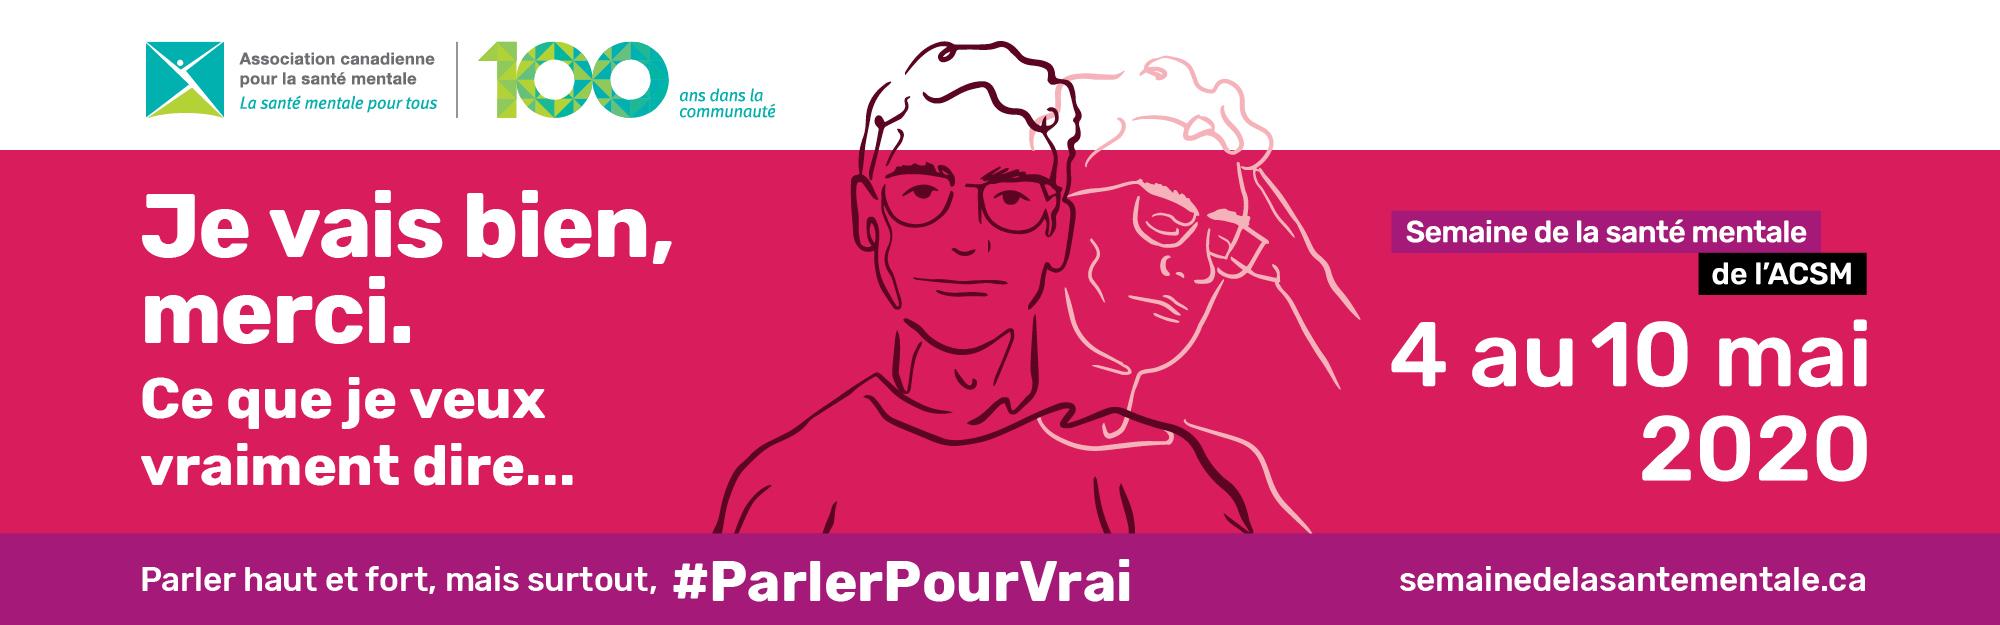 Parler haut et fort, mais surtout #ParlerPourVrai | semainedelasantementale.ca